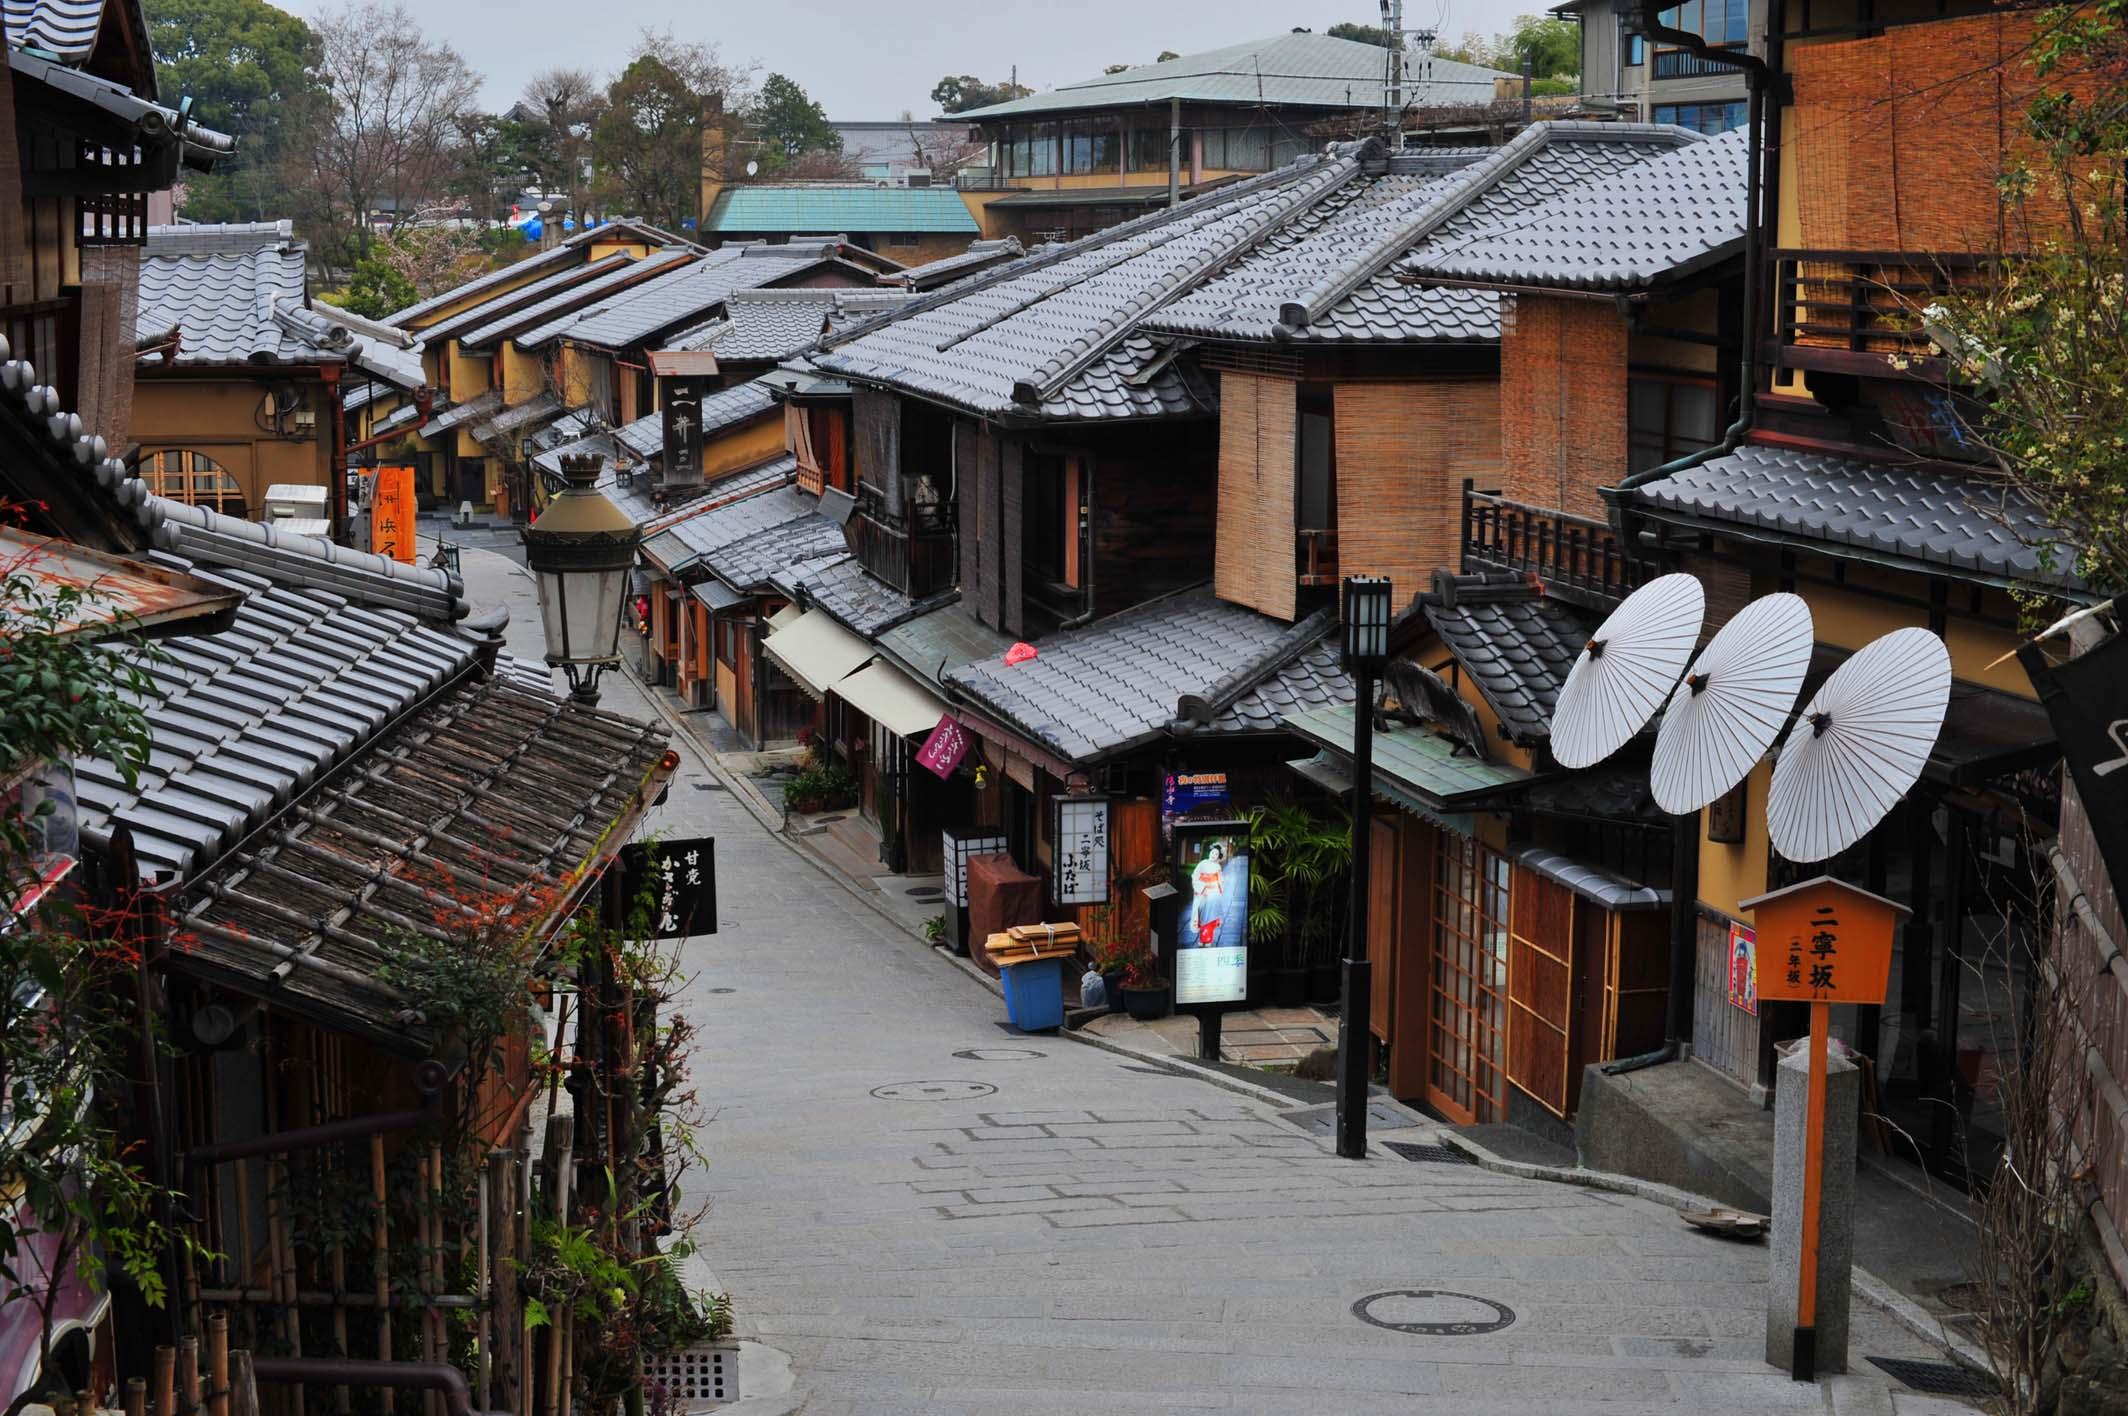 昔の街並み_e0157647_2045536.jpg